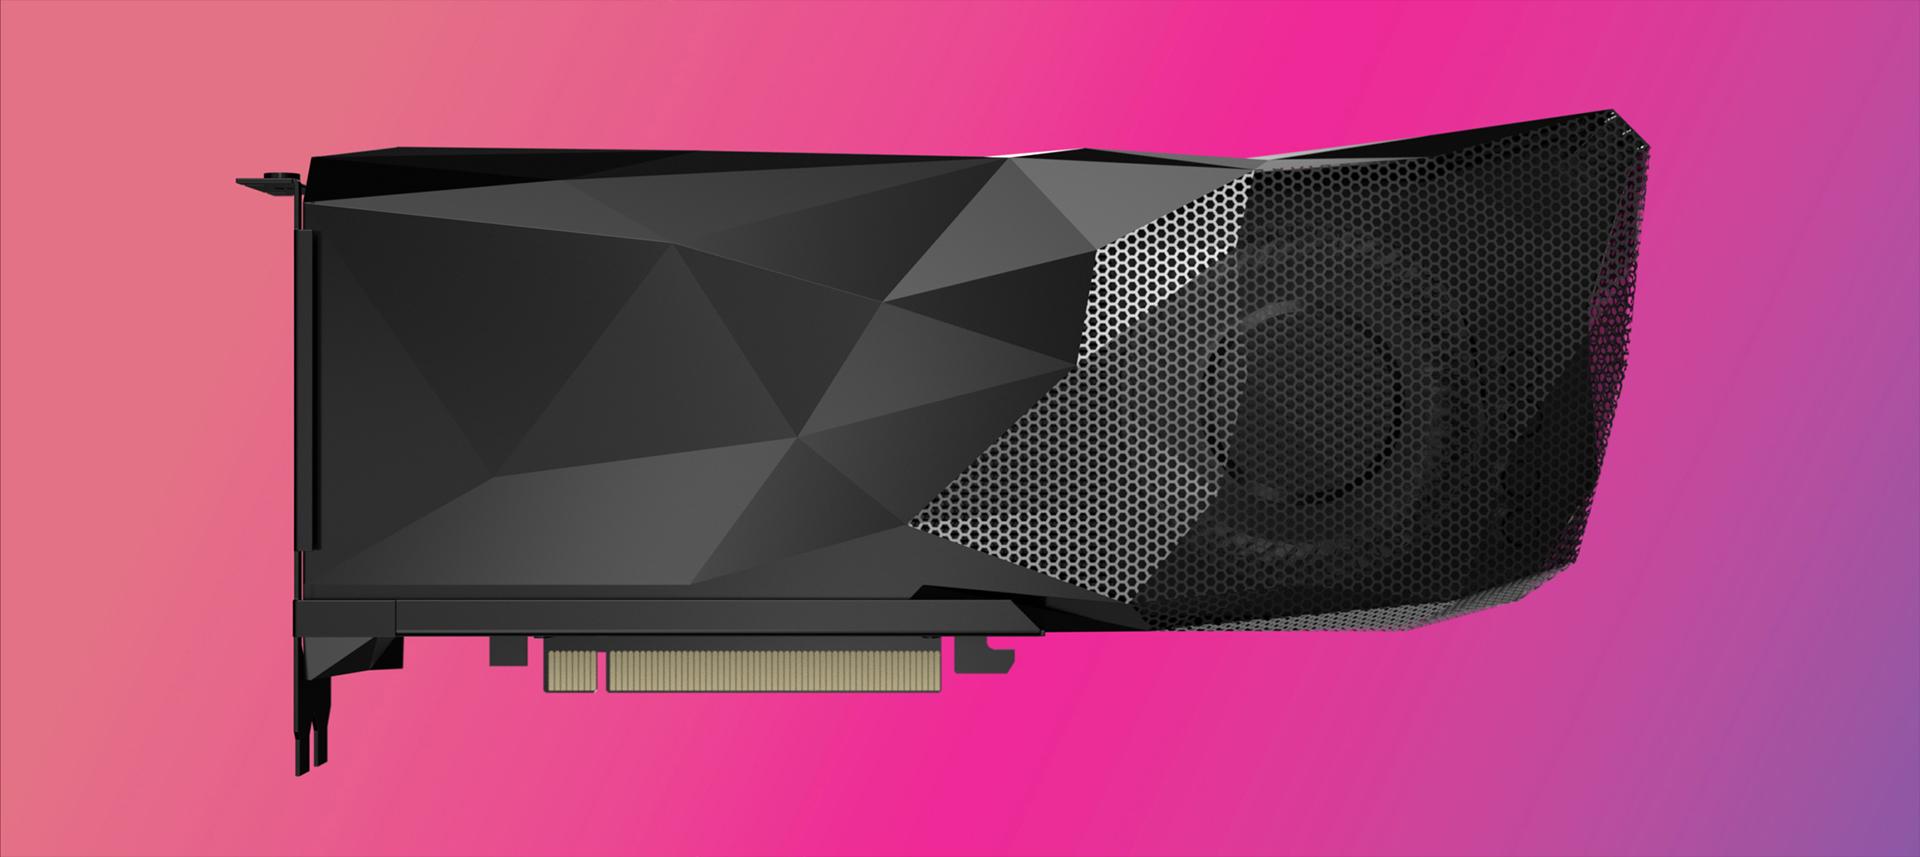 VISION Alpha GPU on pink